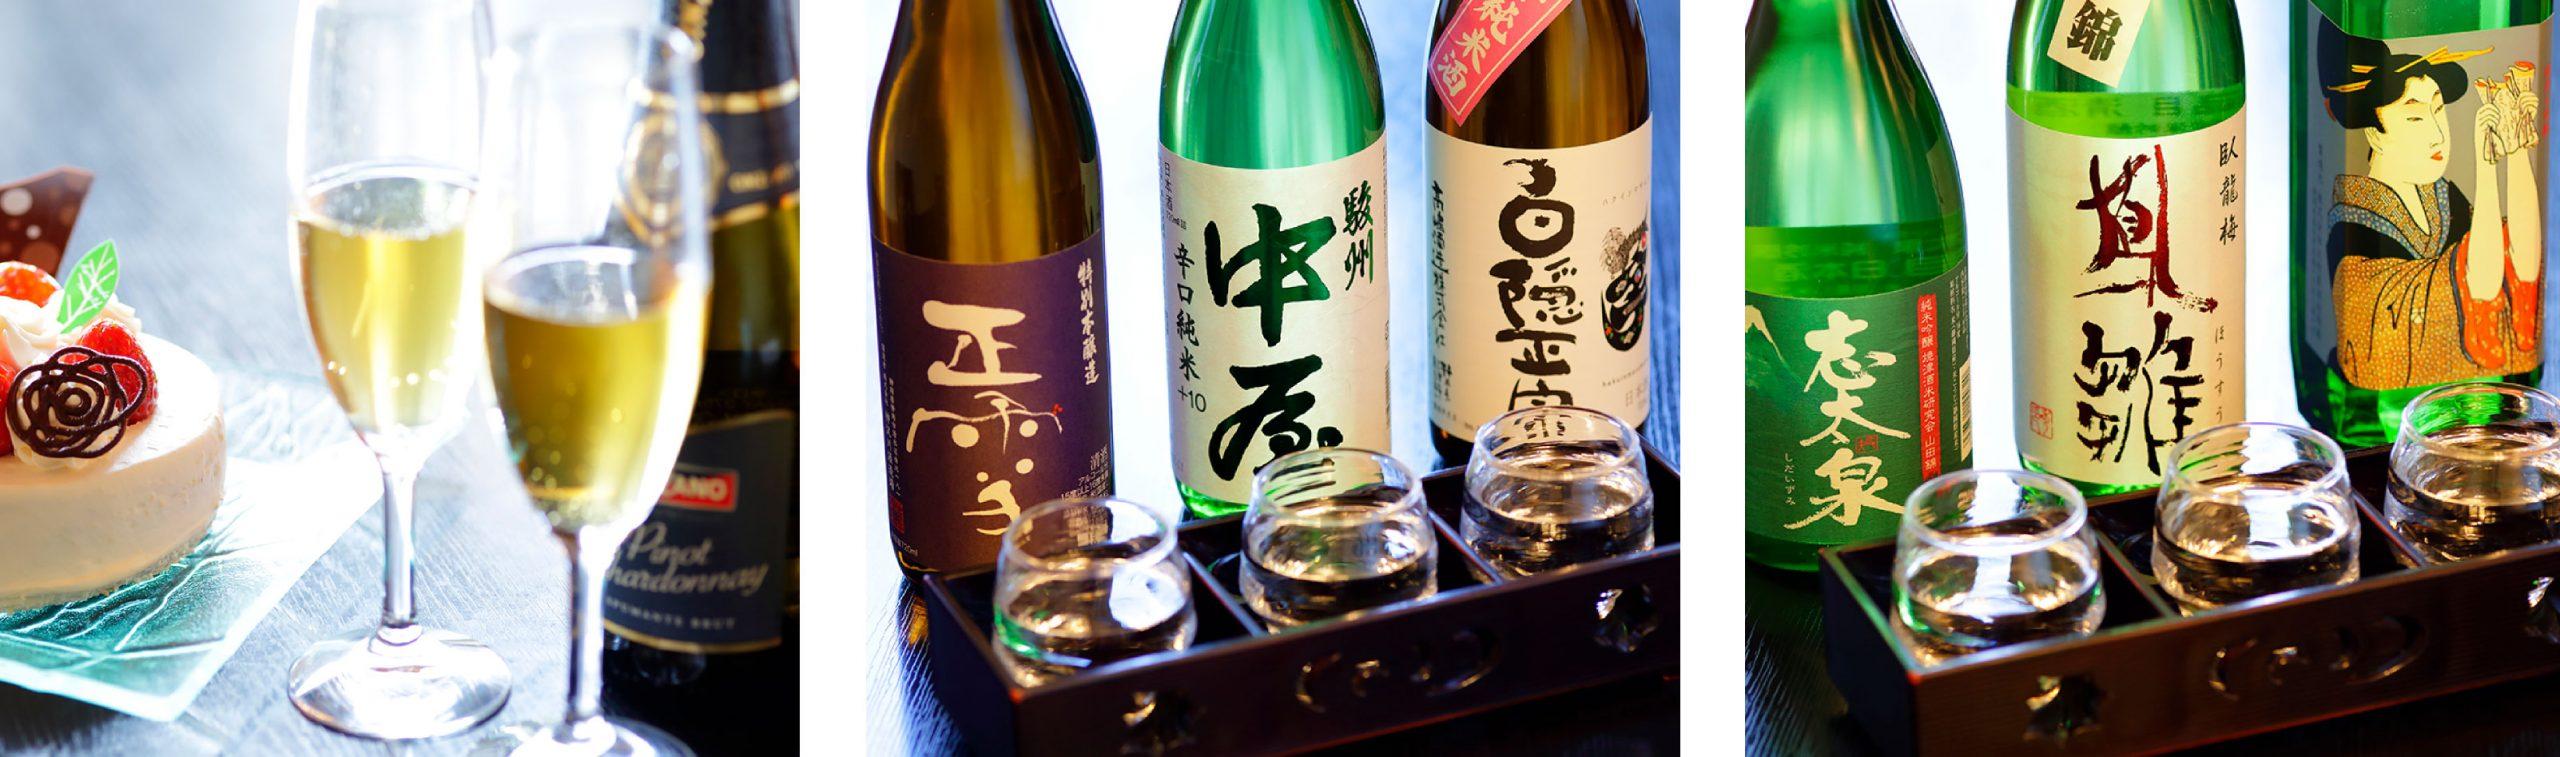 潮騒の宿ふじま:利き酒セット